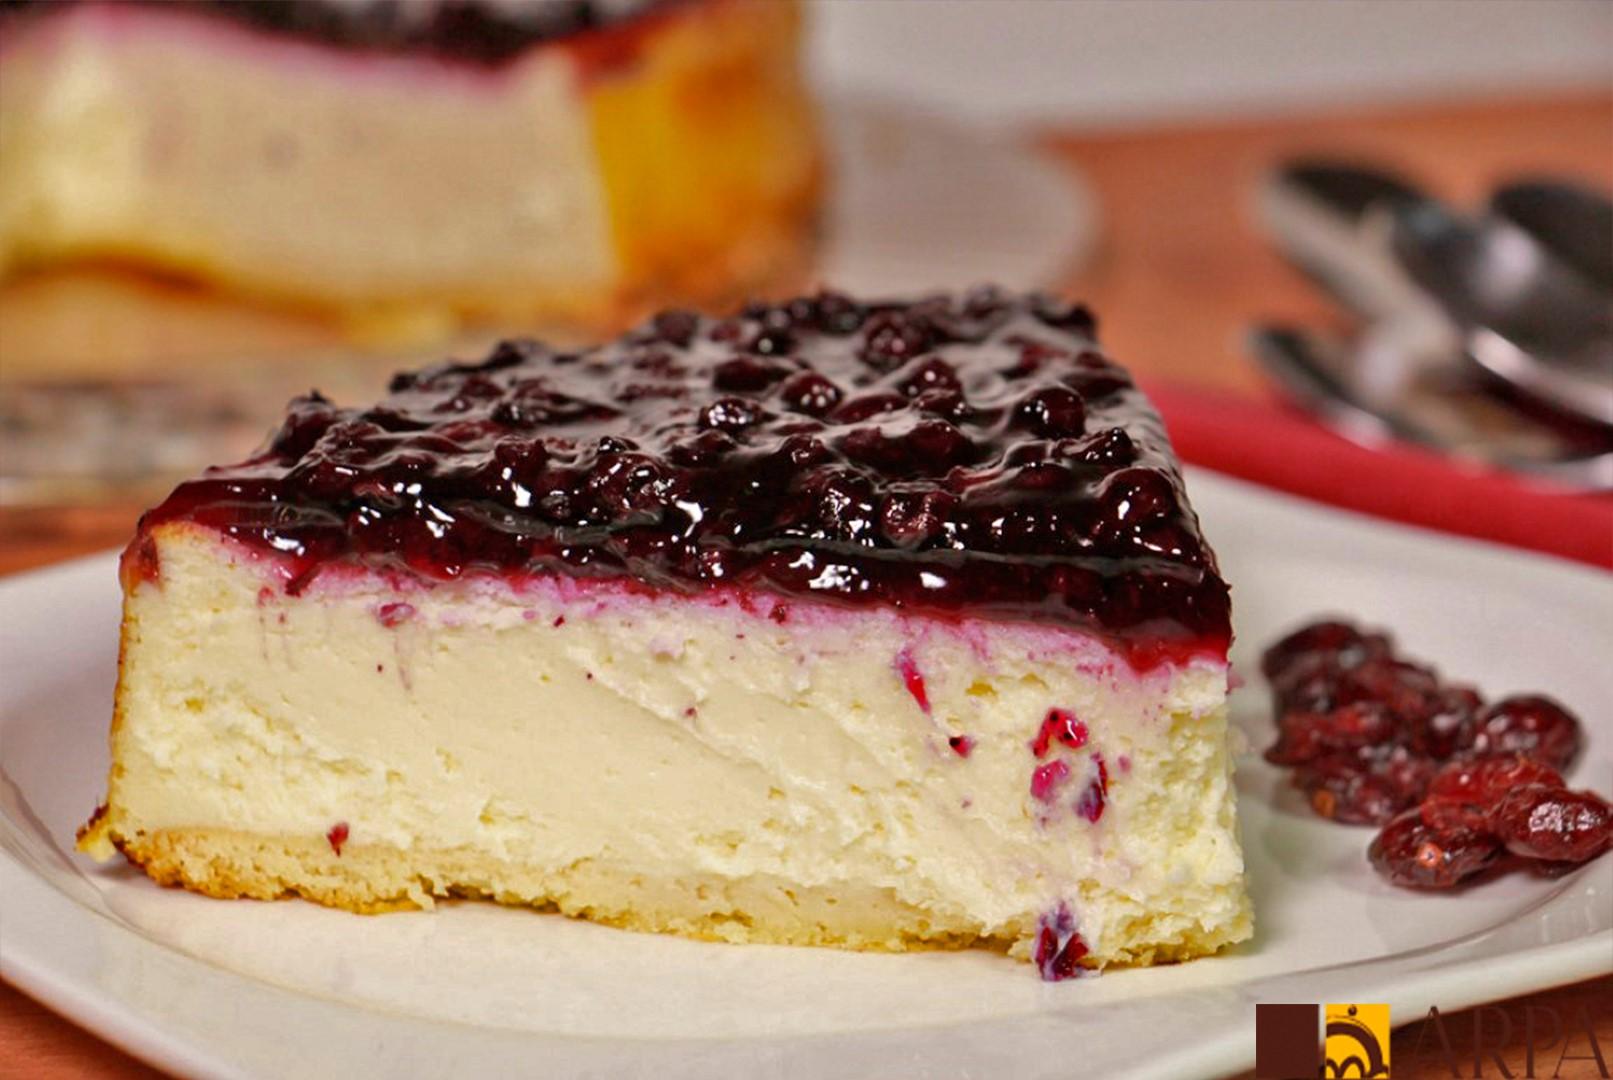 Pastel de queso crema recubierto con mermelada de arándanos negros